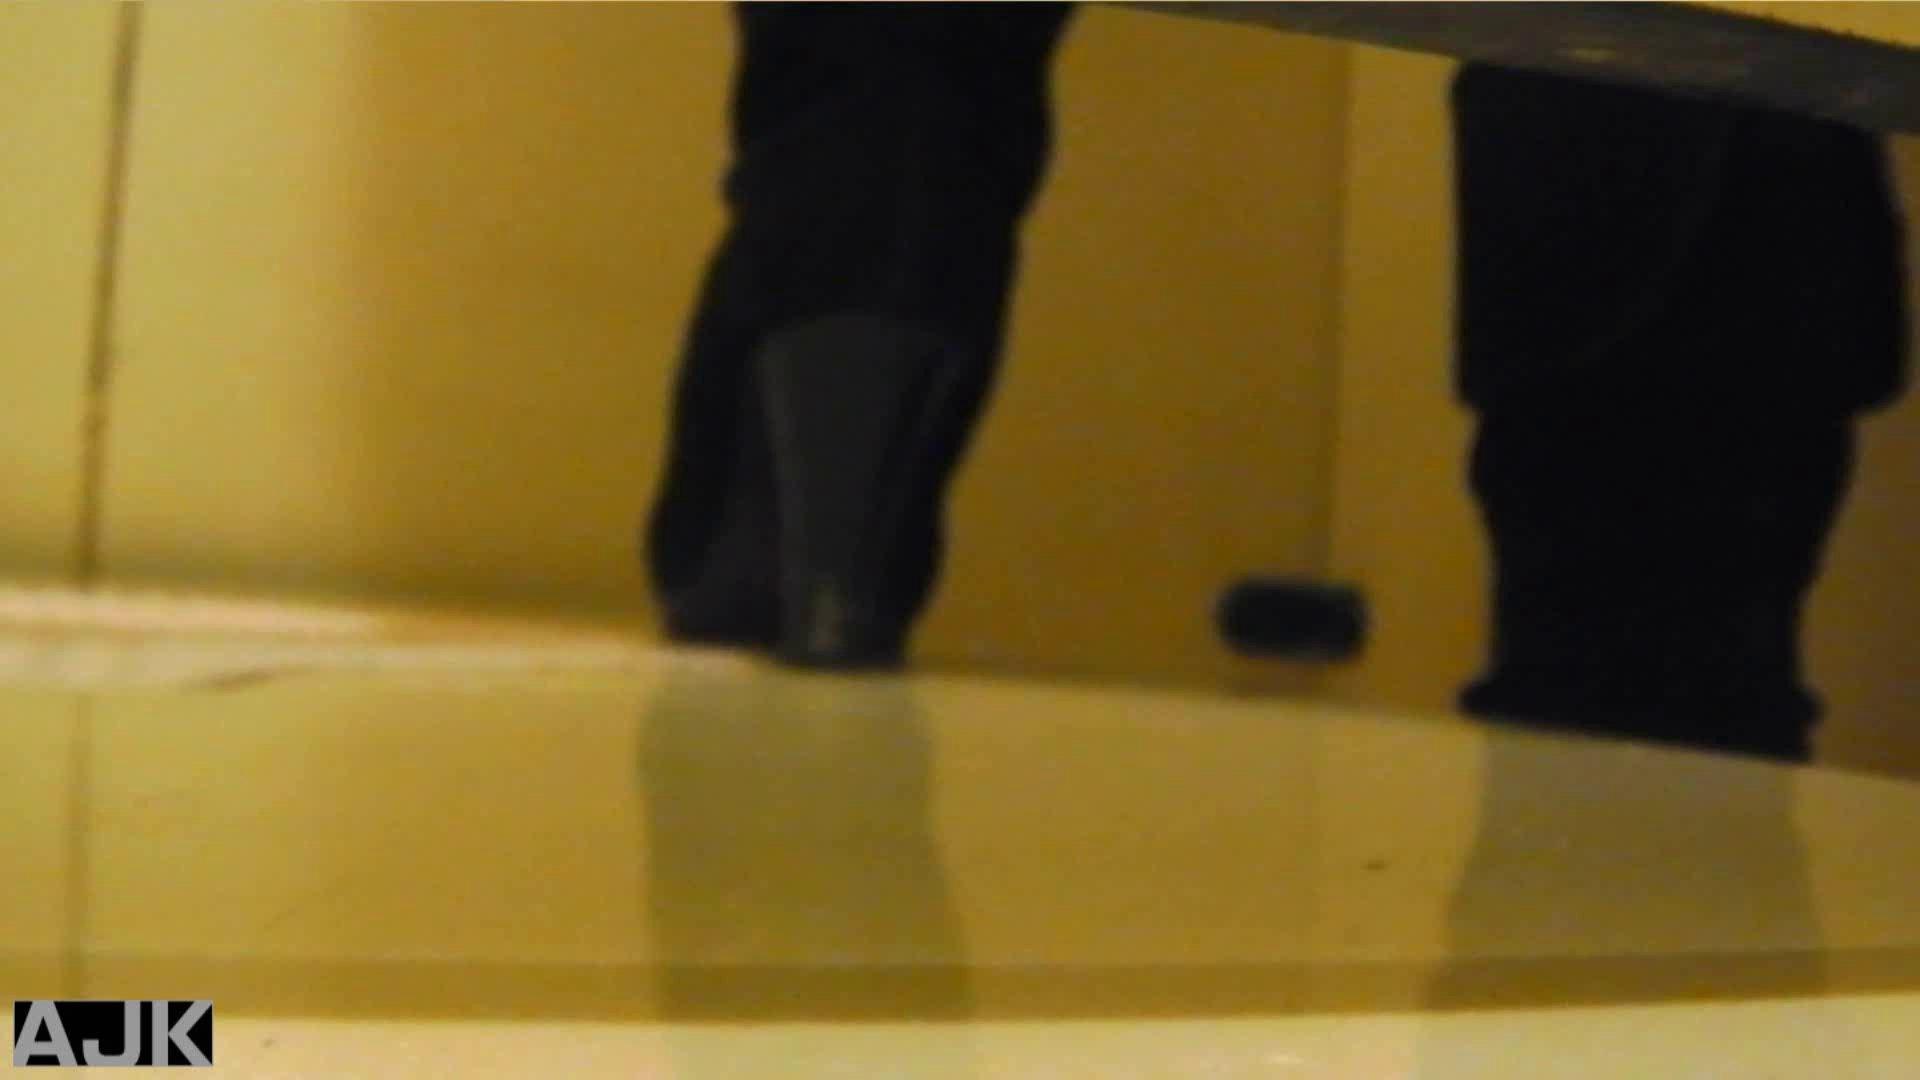 神降臨!史上最強の潜入かわや! vol.26 盗撮シリーズ オマンコ無修正動画無料 103PIX 2